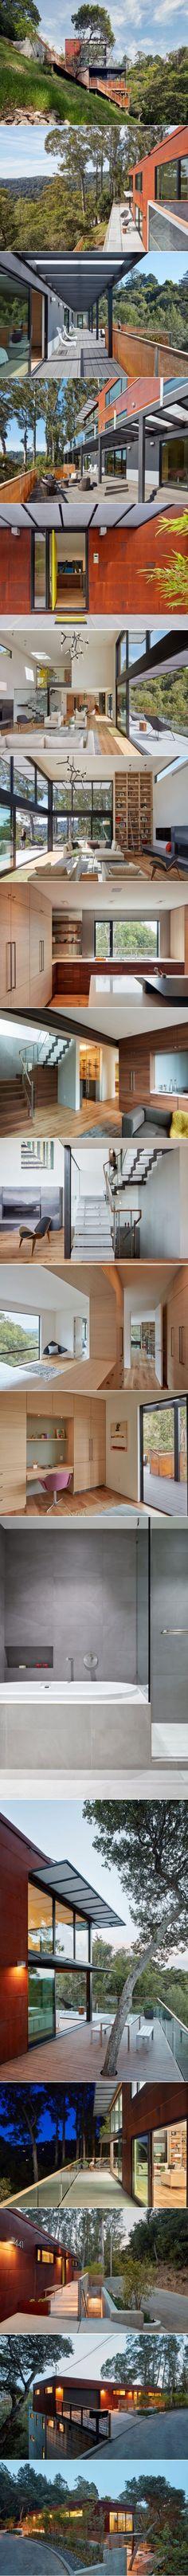 Zack de Vito Architecture + Construction Designs a Hillside House in the Mill Valley